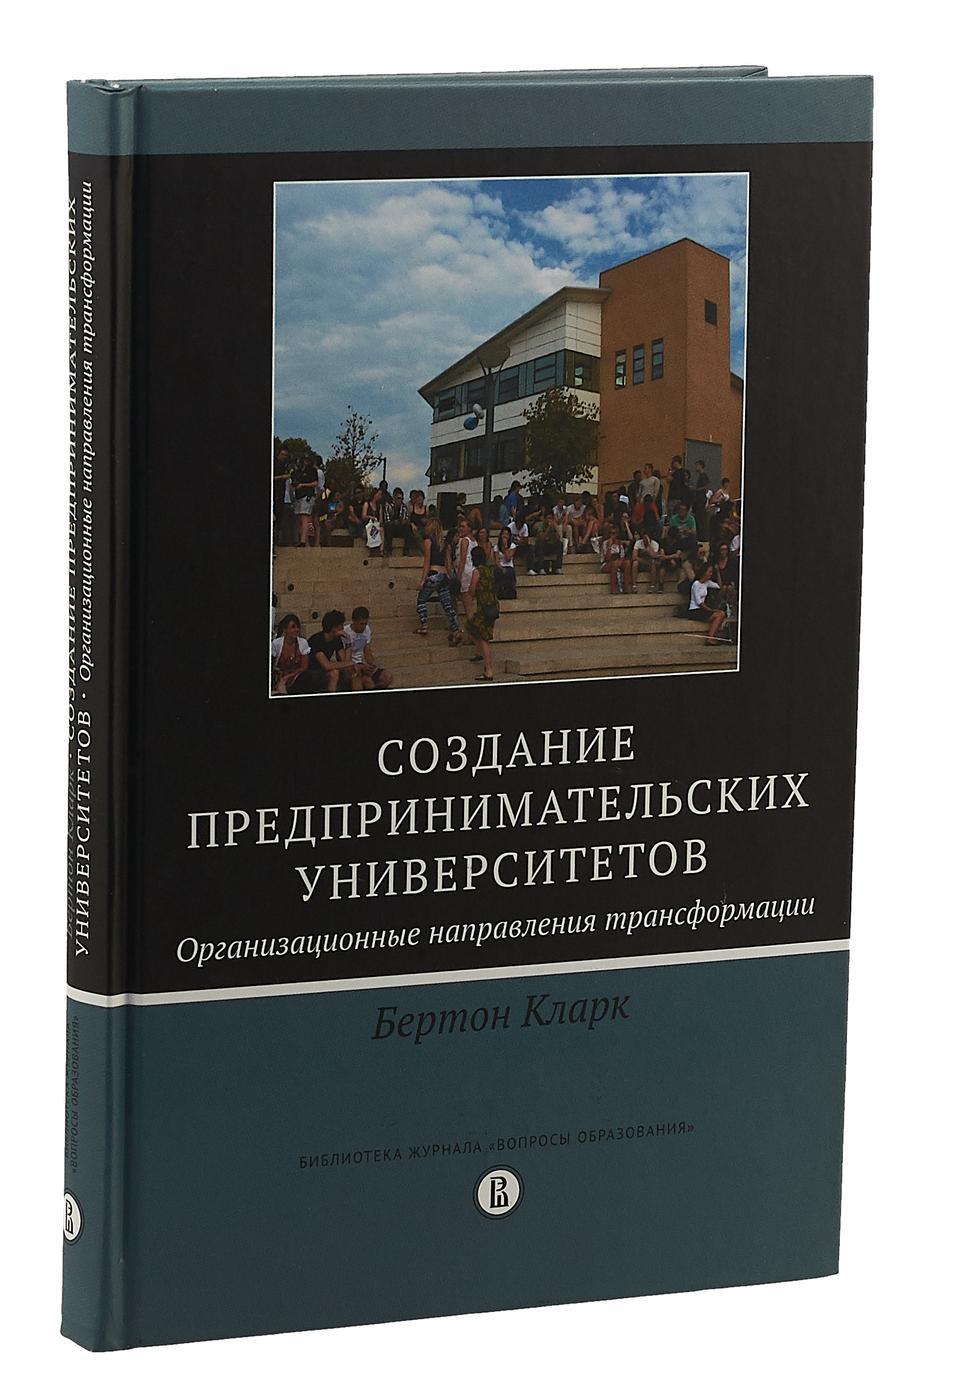 Sozdanie predprinimatelskikh universitetov. Organizatsionnye napravlenija transformatsii | Klark Berton R.